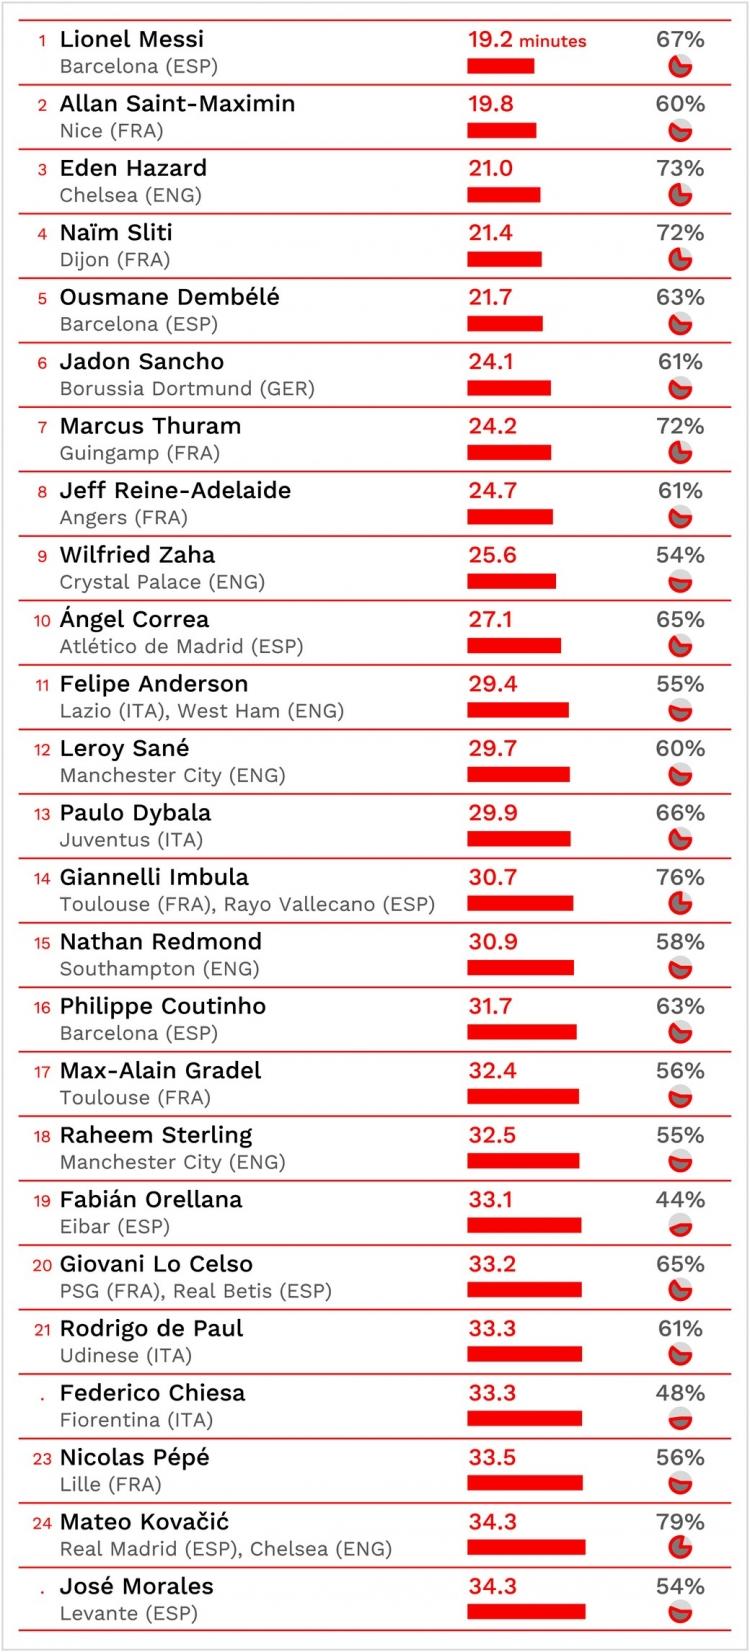 Месси – лучший дриблер в топ-5 лигах Европы. Фото